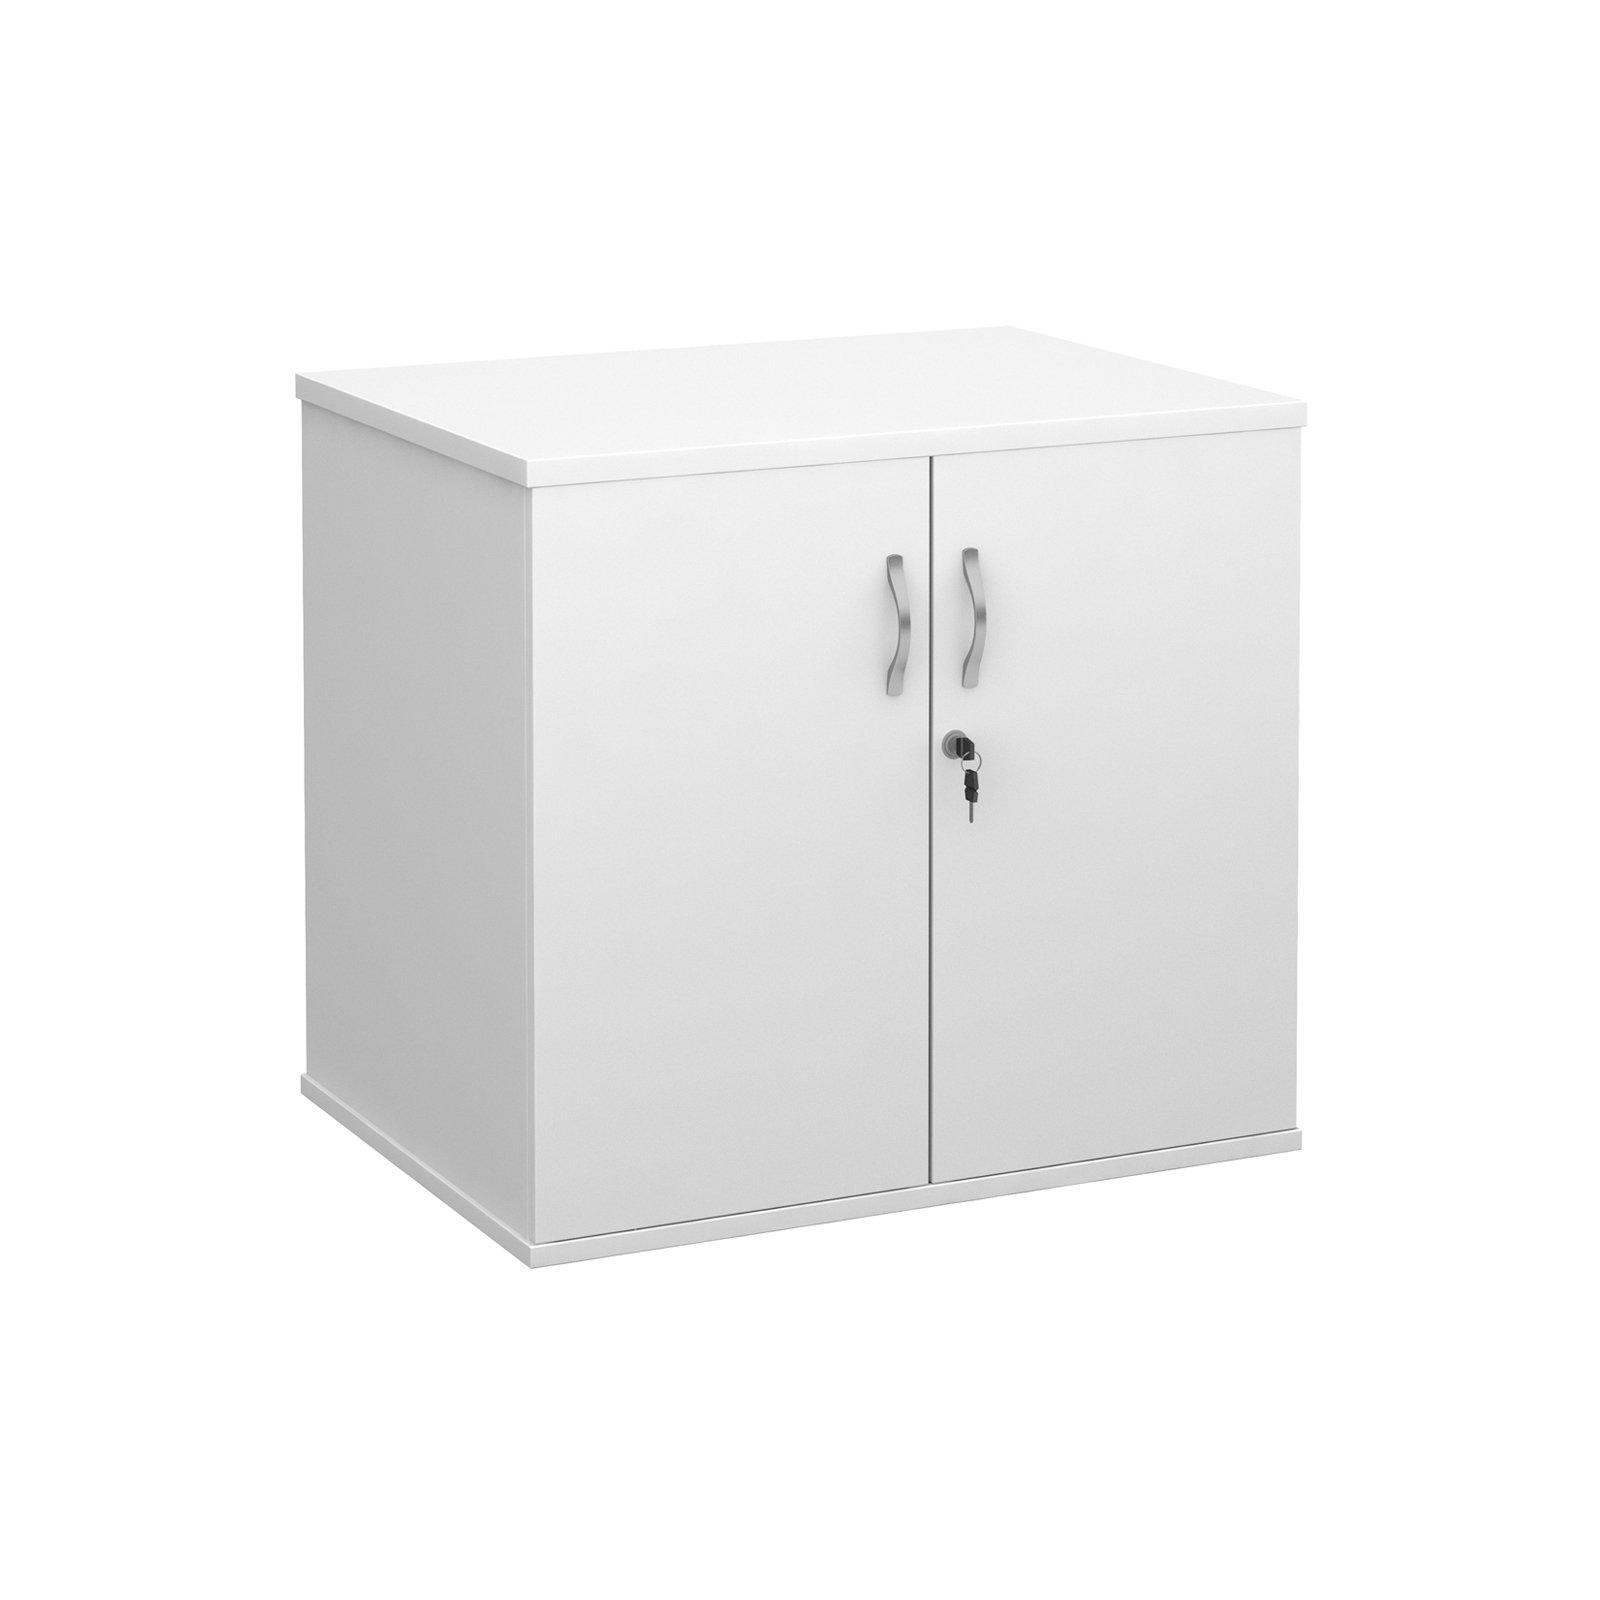 Deluxe double door desk high cupboard 600mm deep - white